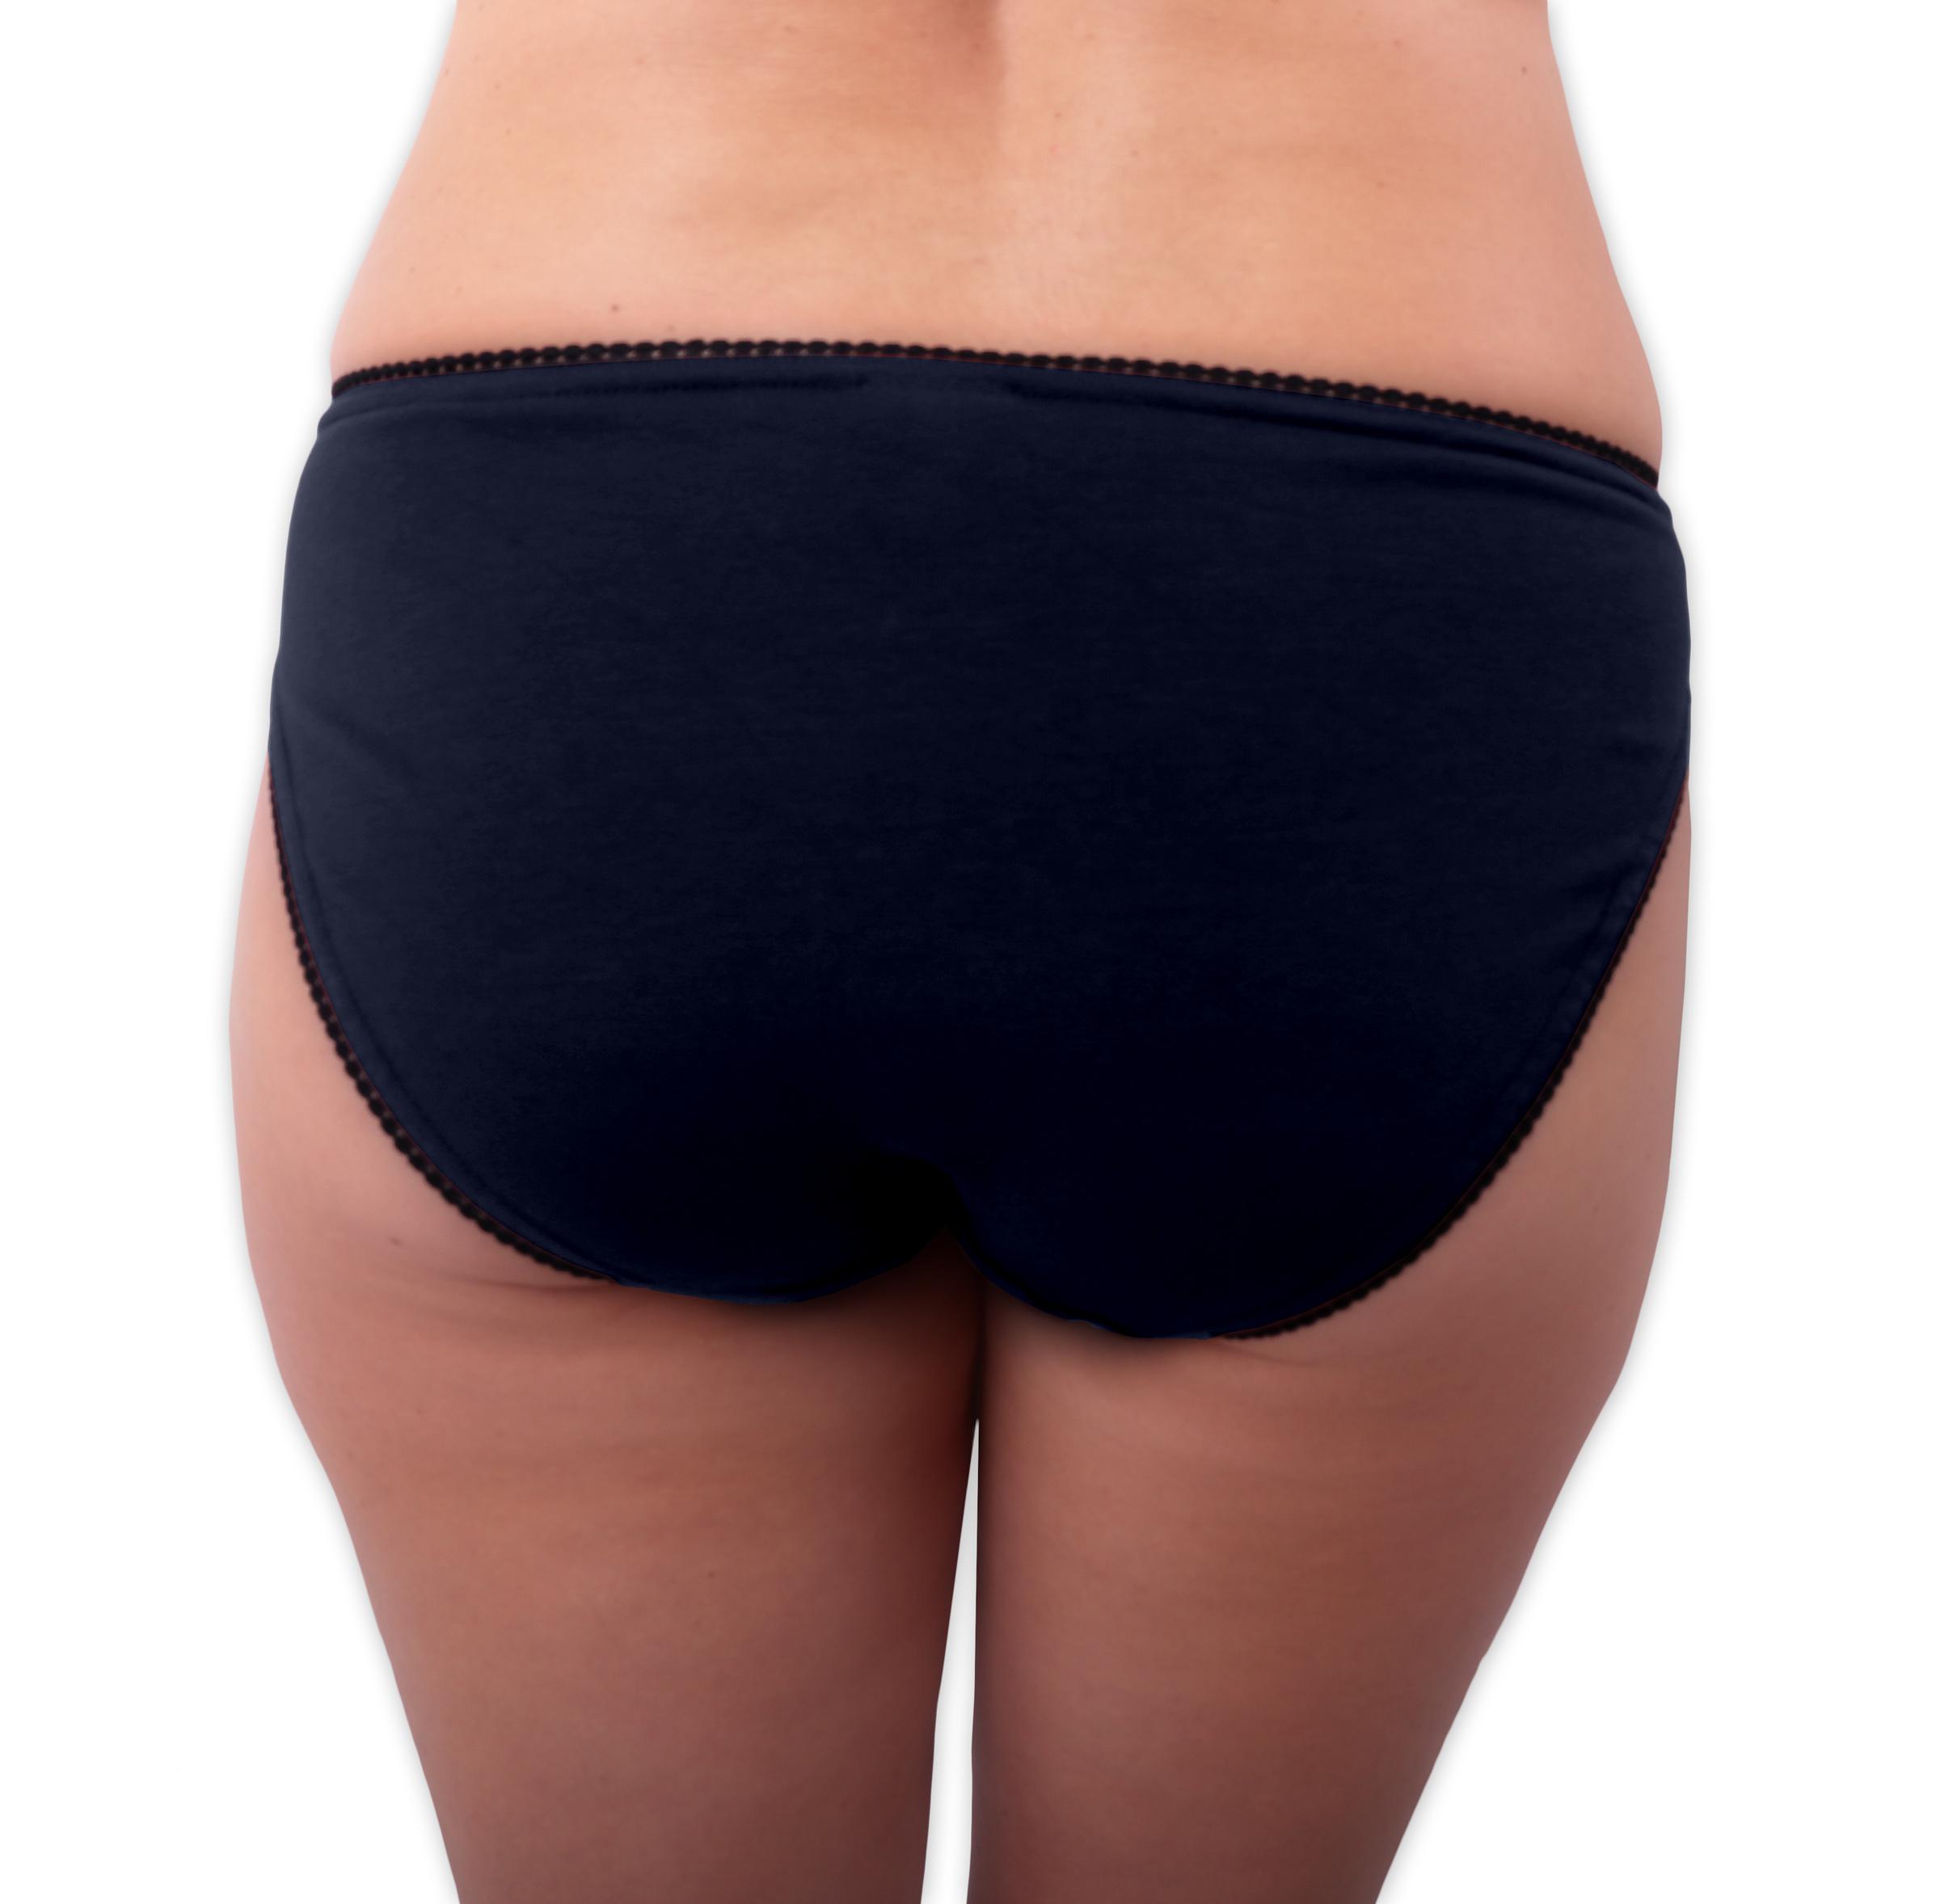 Dámské kalhotky bavlněné, klasický střih, tmavě modré, 42